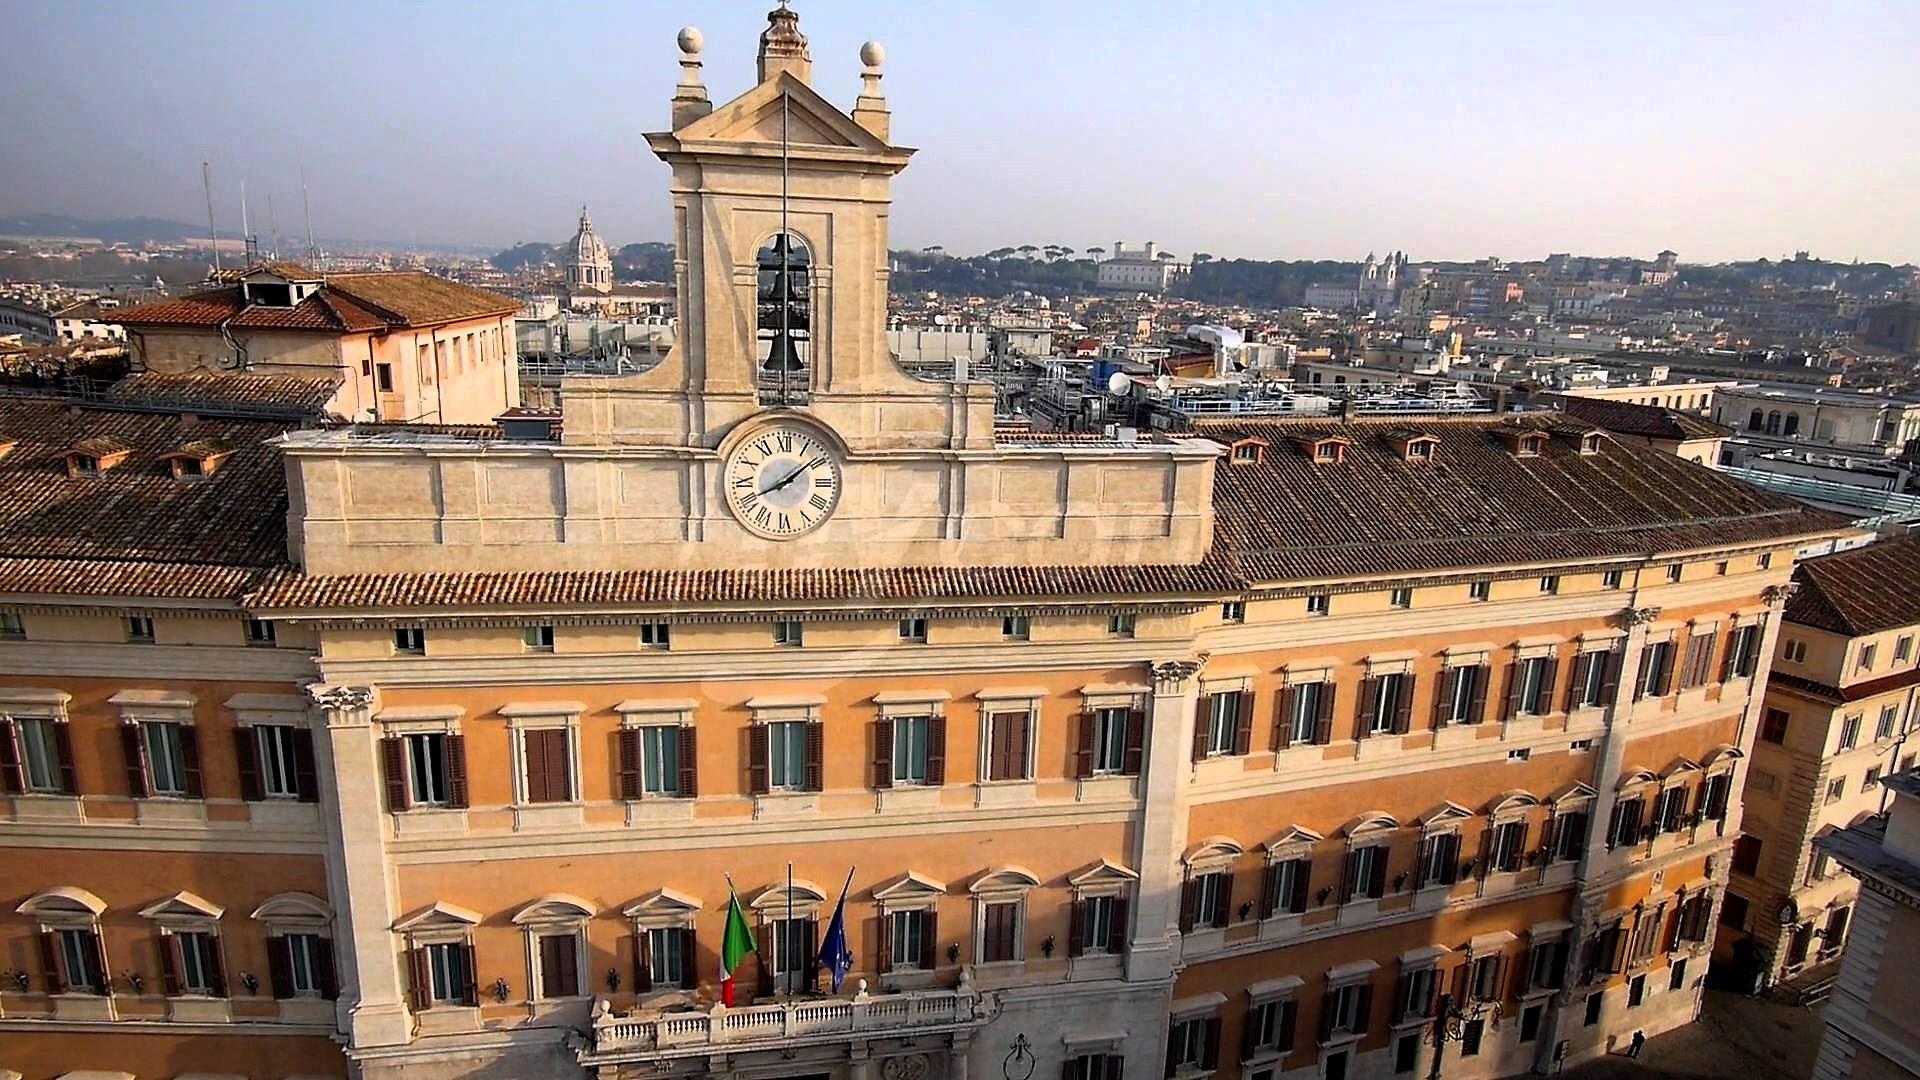 Voto italiani all estero ecco i nomi dei probabili 18 for Nomi dei politici italiani